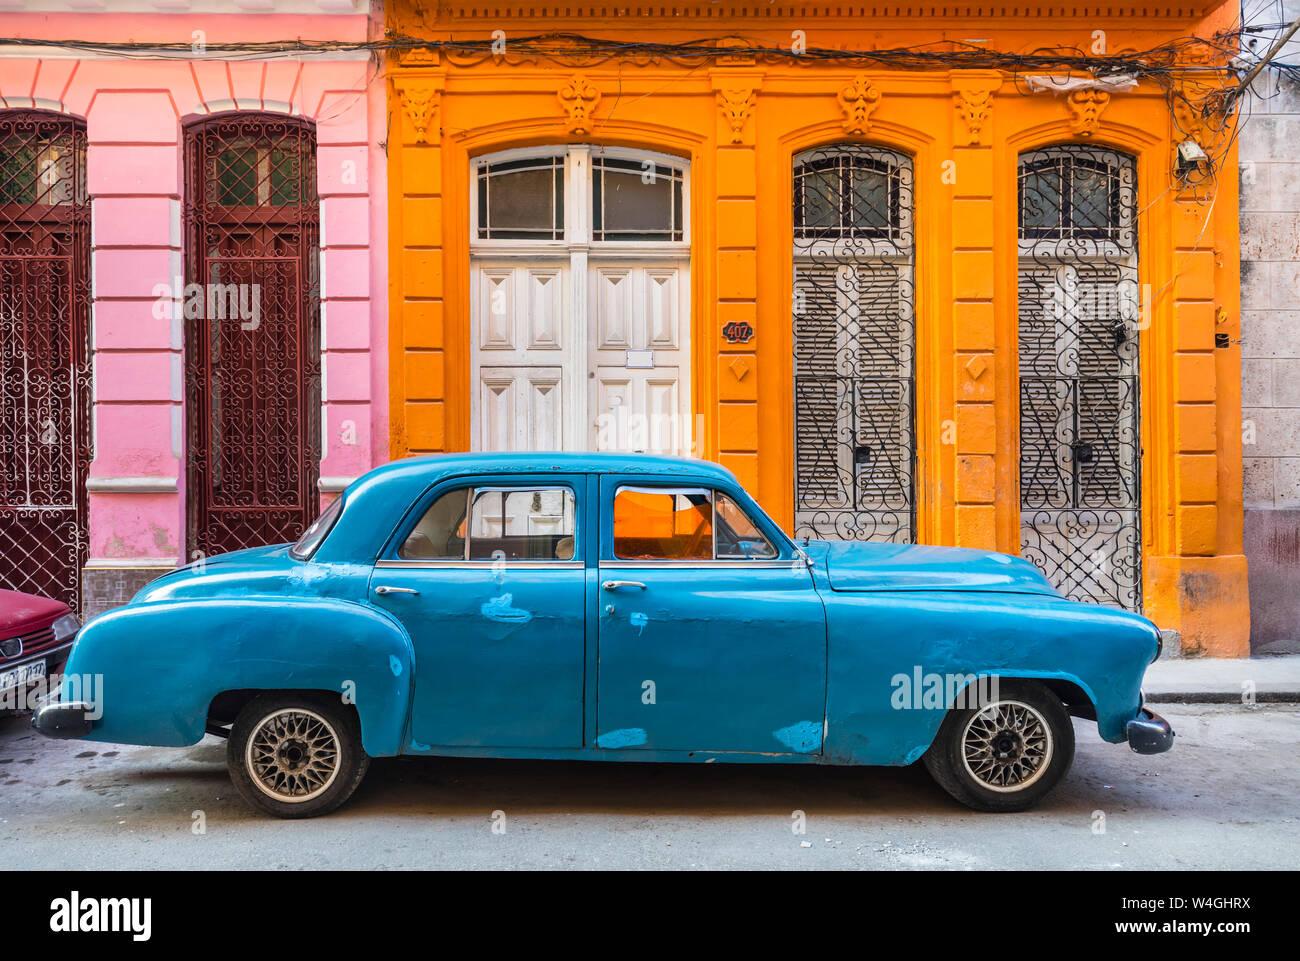 Blue vintage garée voiture devant une maison d'habitation, La Havane, Cuba Banque D'Images